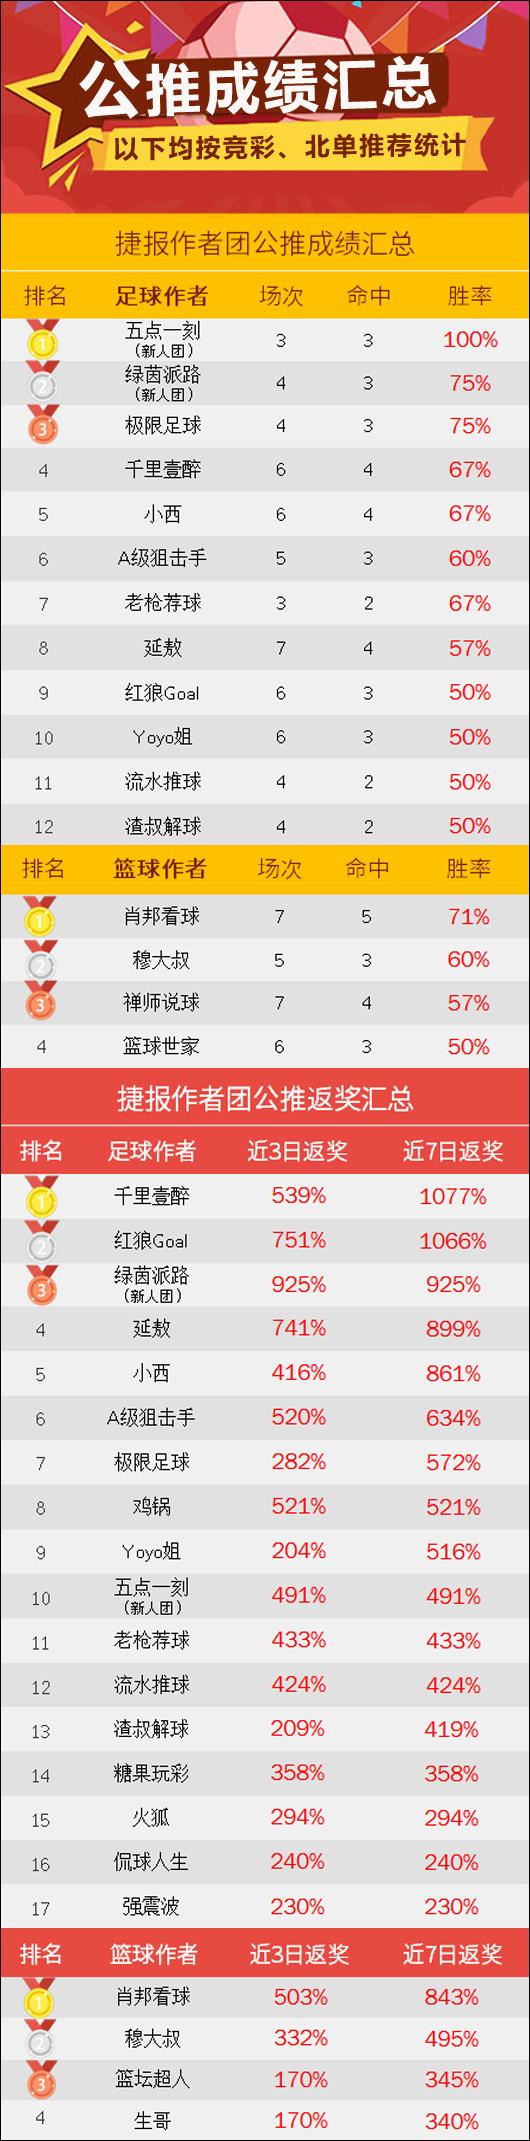 作者周榜:红狼以86%胜率登榜首 南木一周取得6天全红